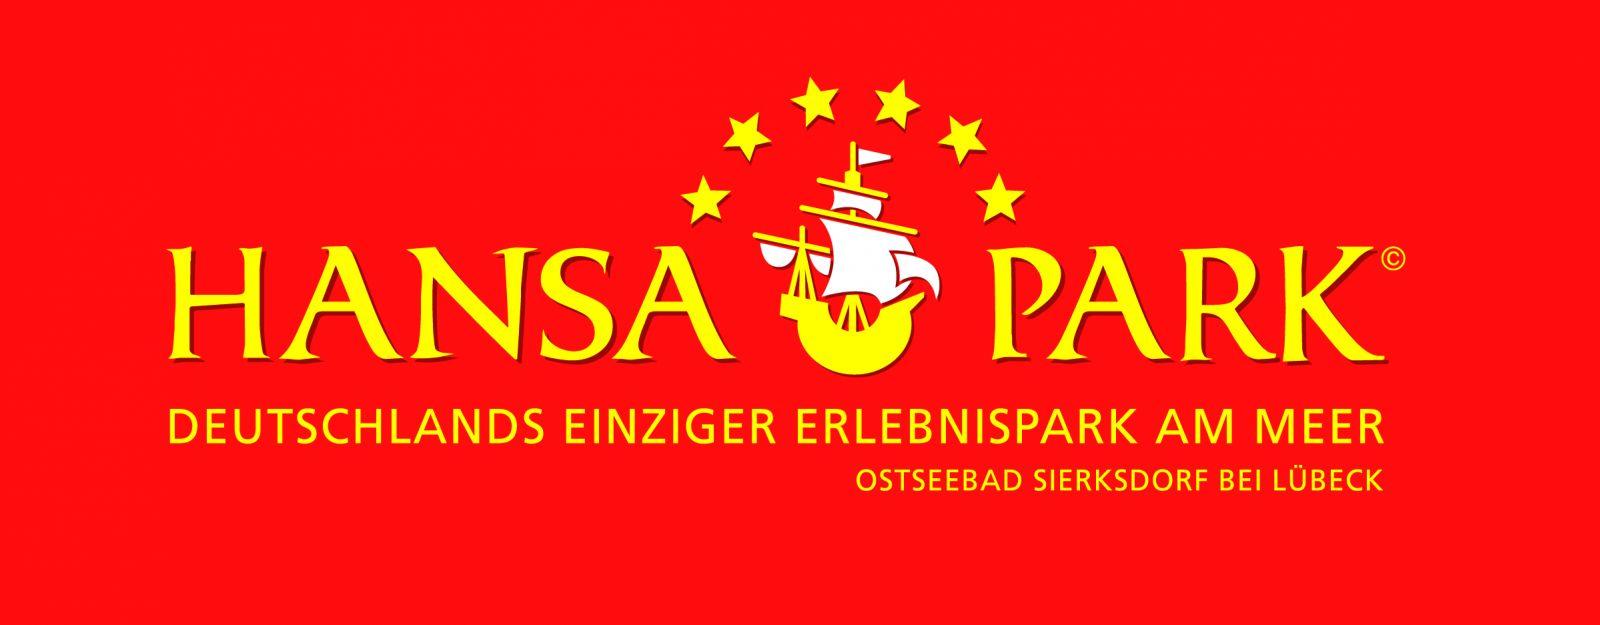 Hansa Park Logo